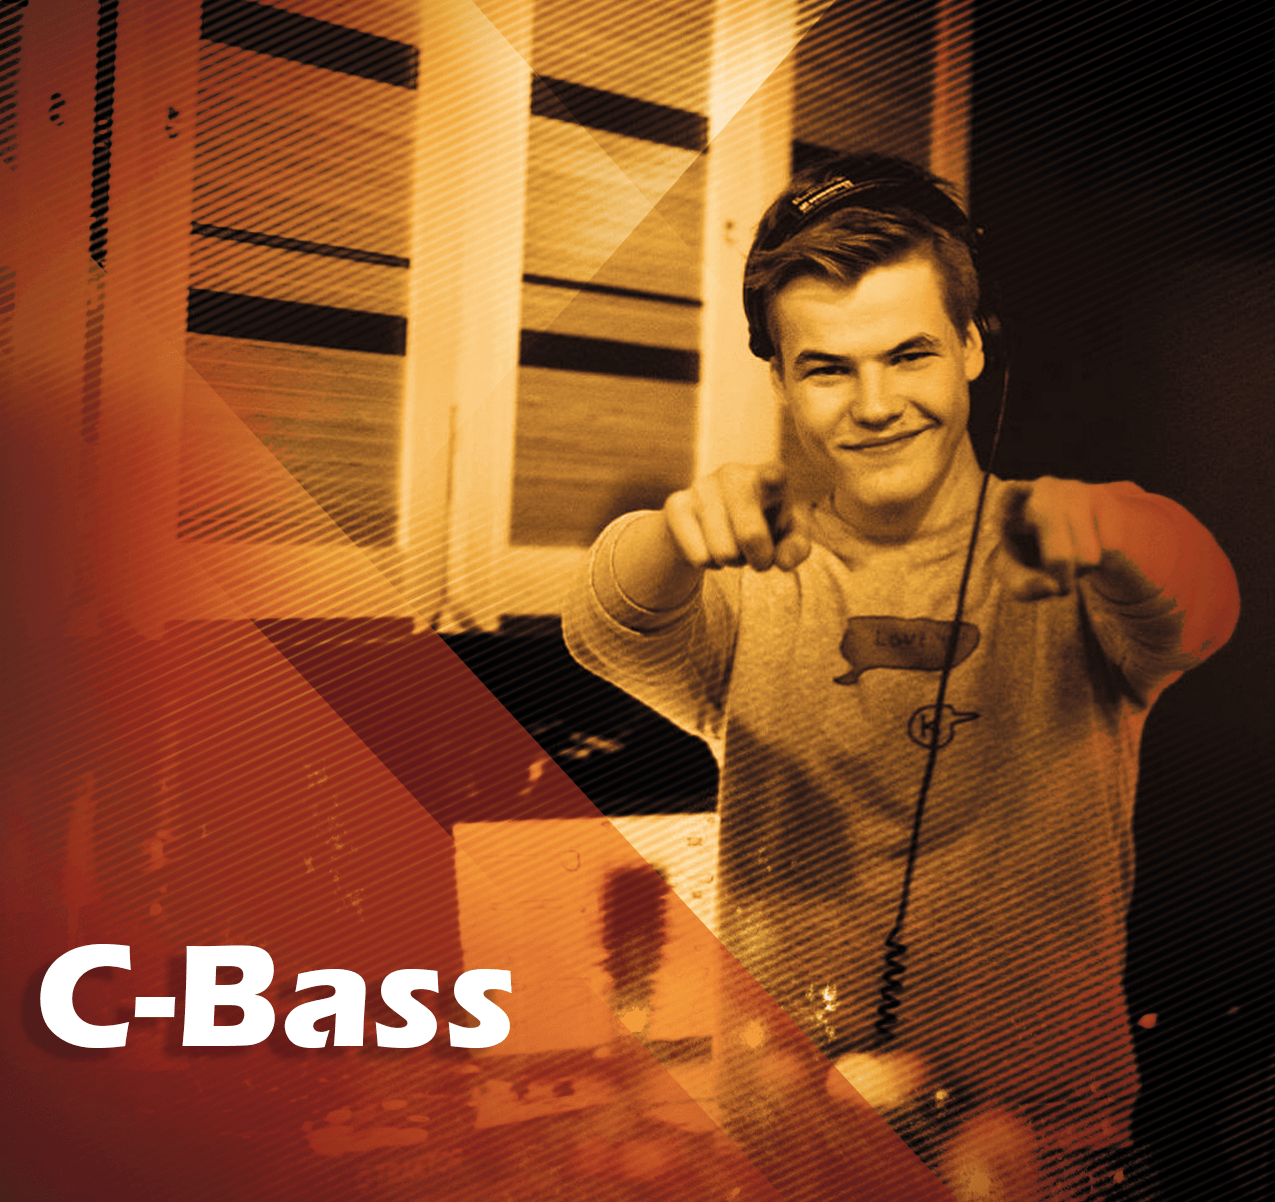 C-Bass